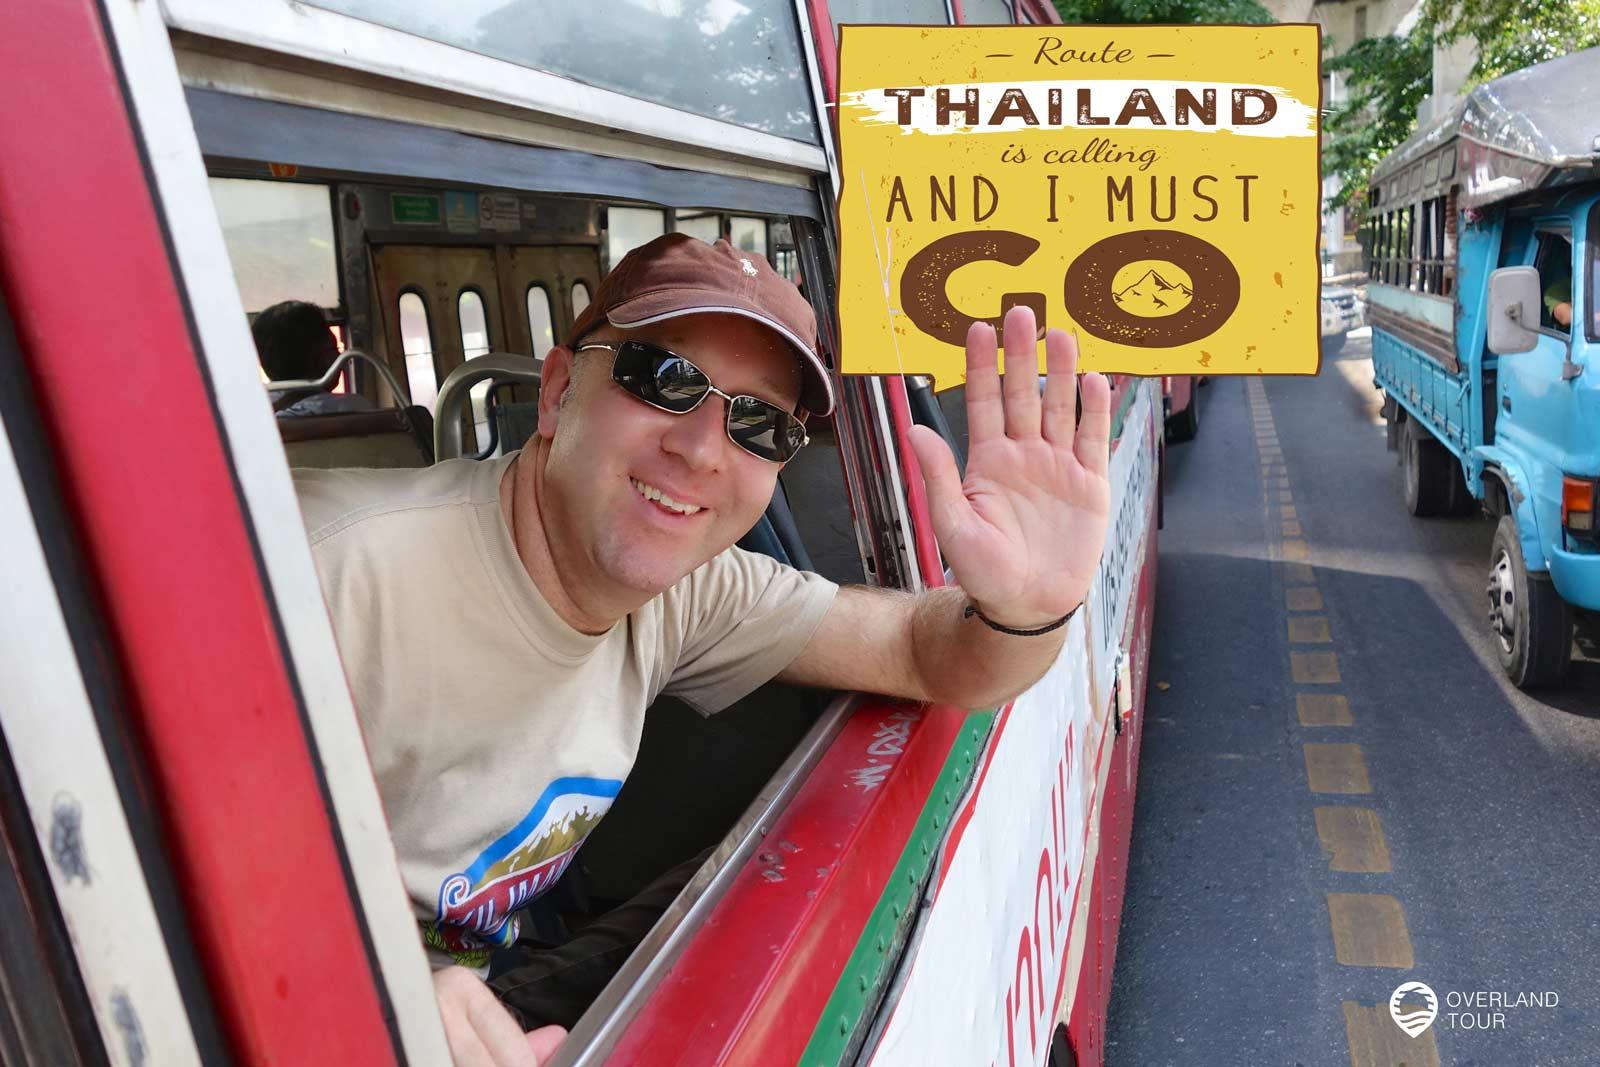 Thailand Backpacking Reiseroute inkl. Reisetipps und Reiseplanung